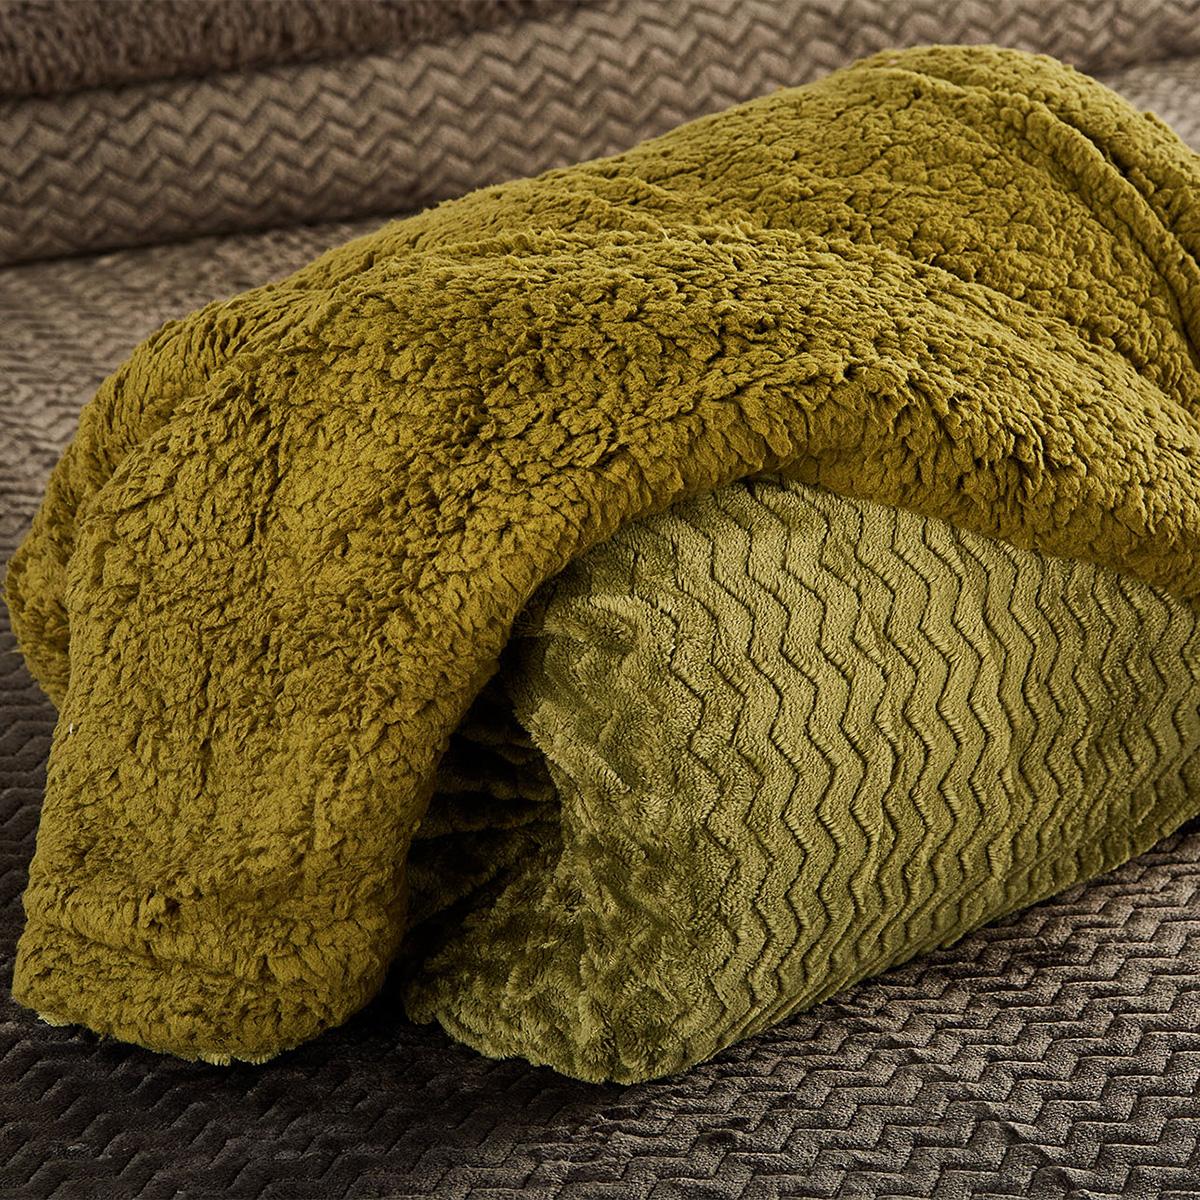 Κουβέρτα Fleece Υπέρδιπλη Με Γουνάκι White Egg Coral-Sherpa 9 Olive